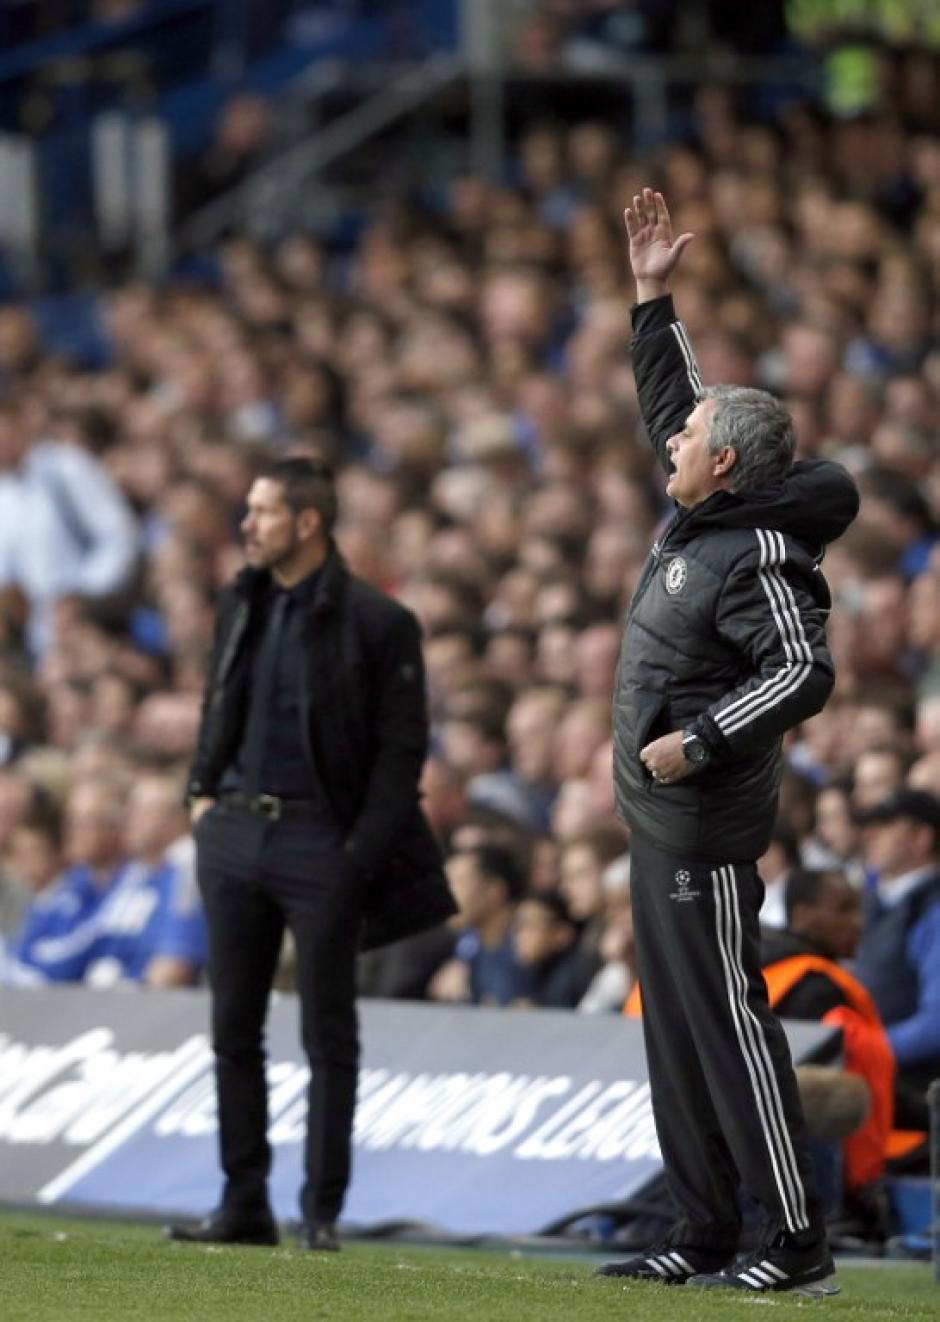 Simeone y Mourinho, dos estilos de juego bastante parecidos que enredaron la serie